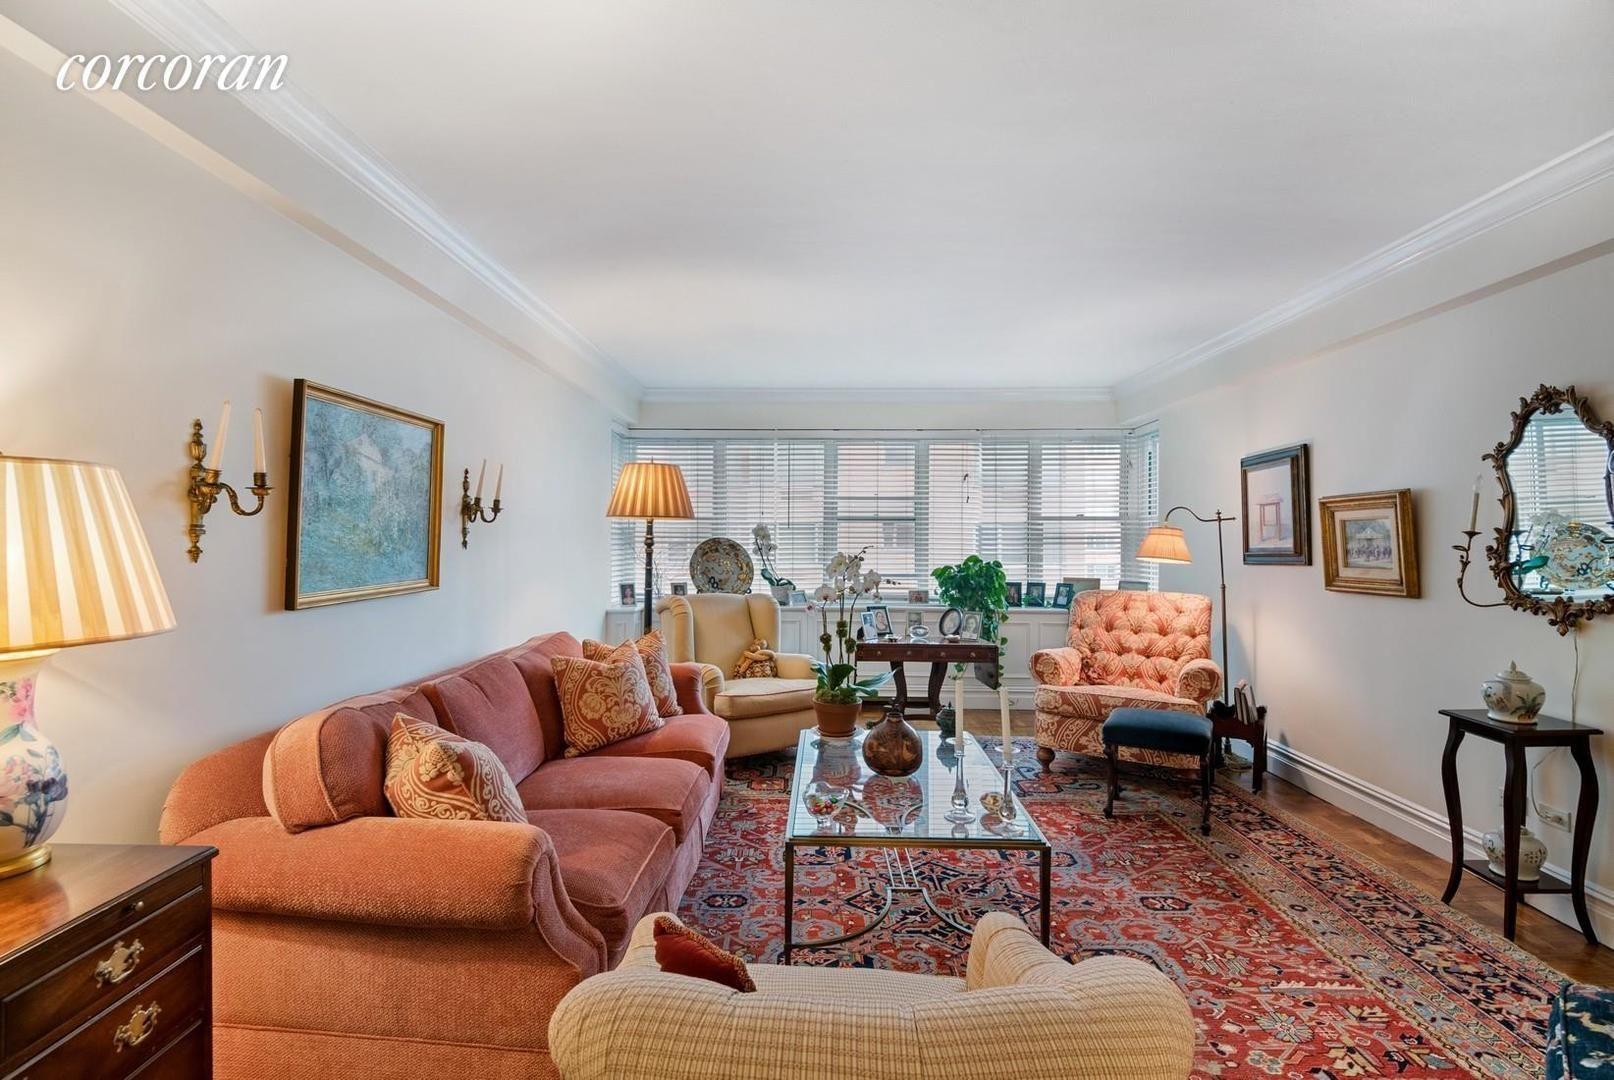 Apartment for sale at 45 Sutton Place South, Apt 9D